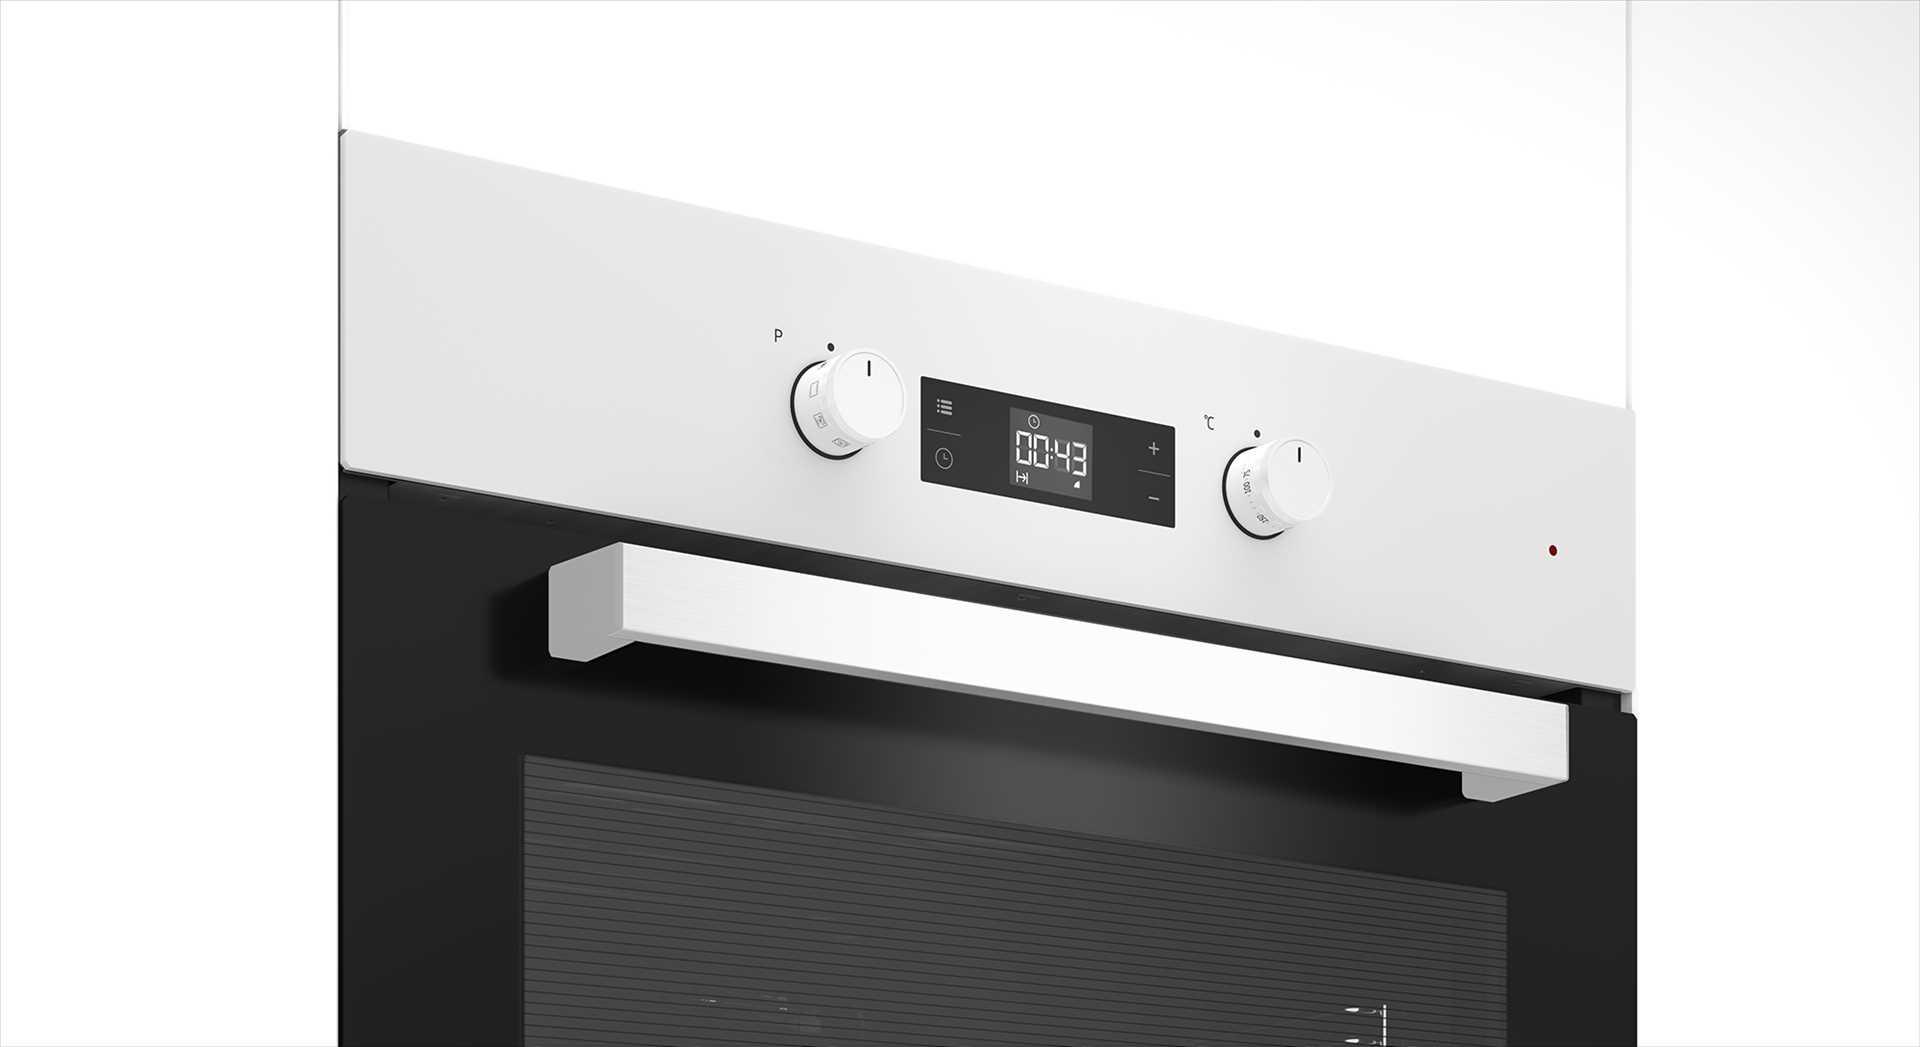 תנור בנוי Beko BIM22301W בקו - תמונה 2